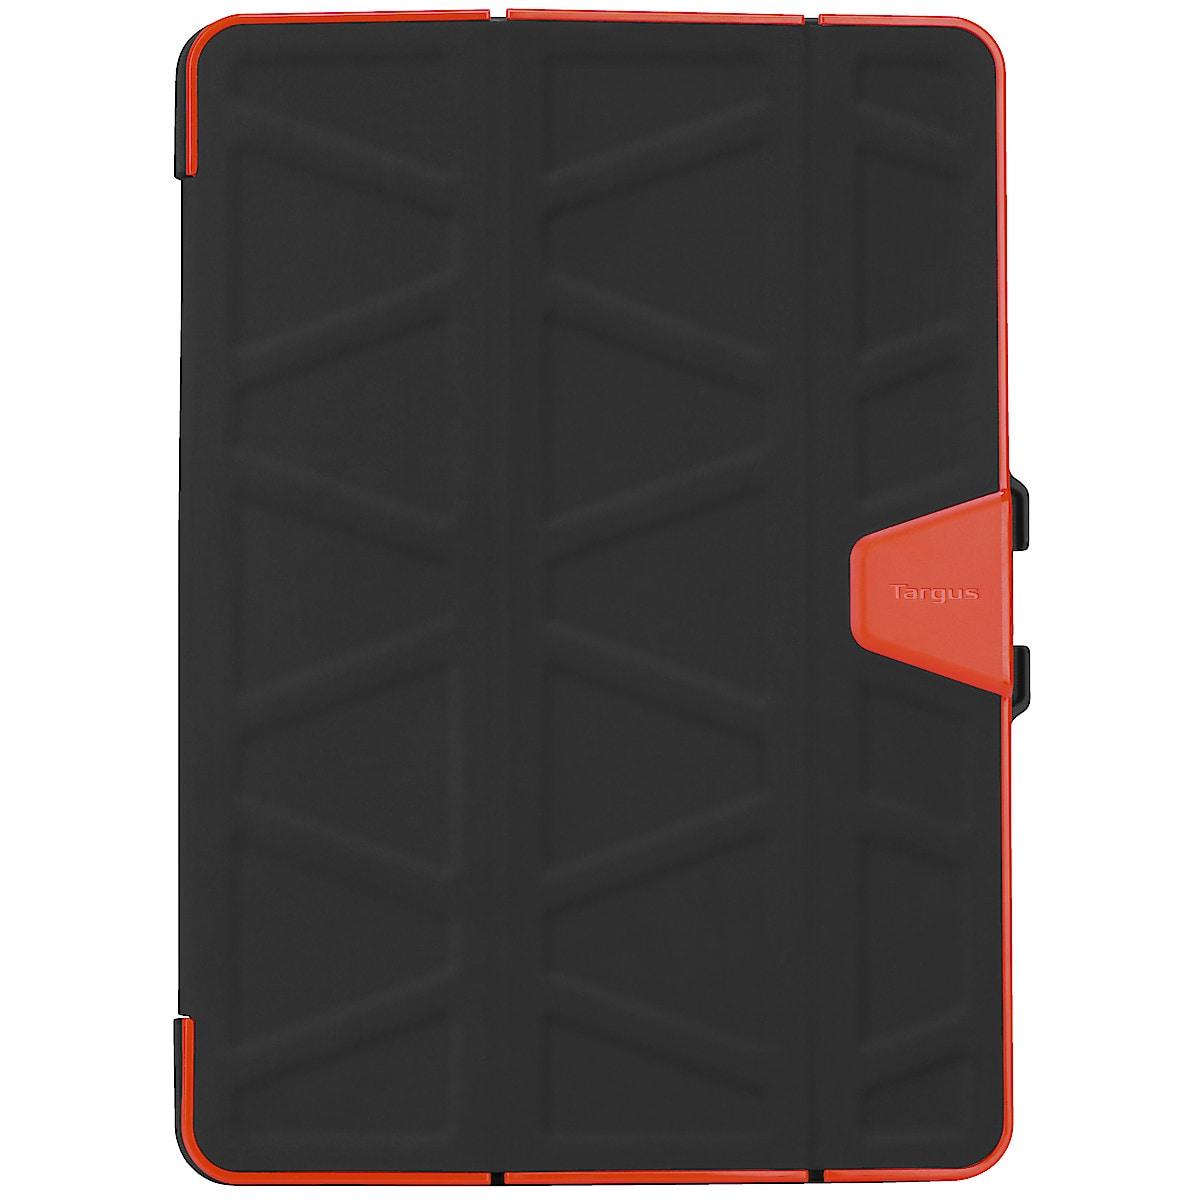 Schutzhülle für iPad Air 2, Targus 3D Protection